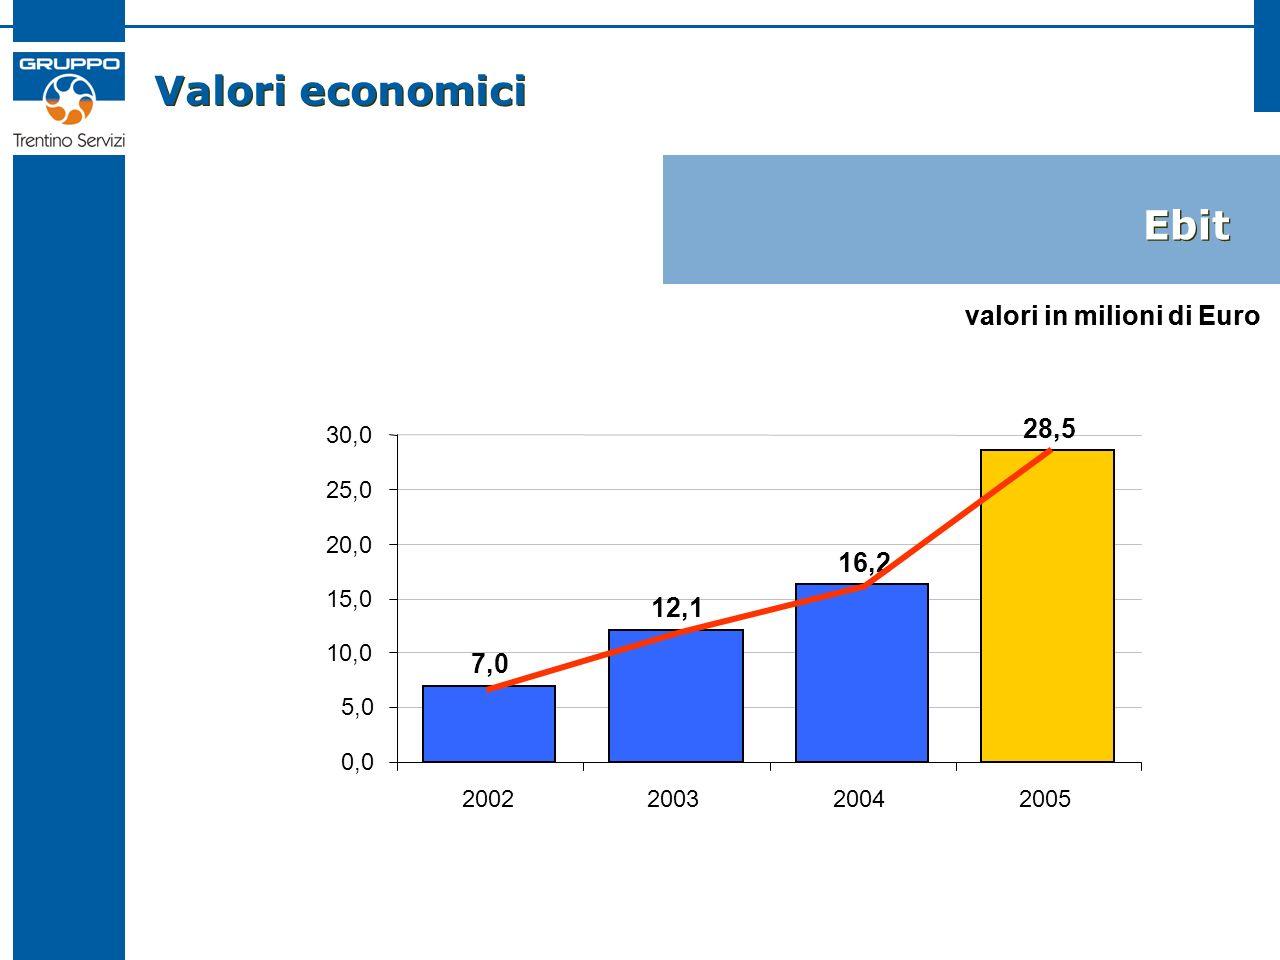 Valori economici Ebit 7,0 12,1 16,2 28,5 0,0 5,0 10,0 15,0 20,0 25,0 30,0 2002200320042005 valori in milioni di Euro